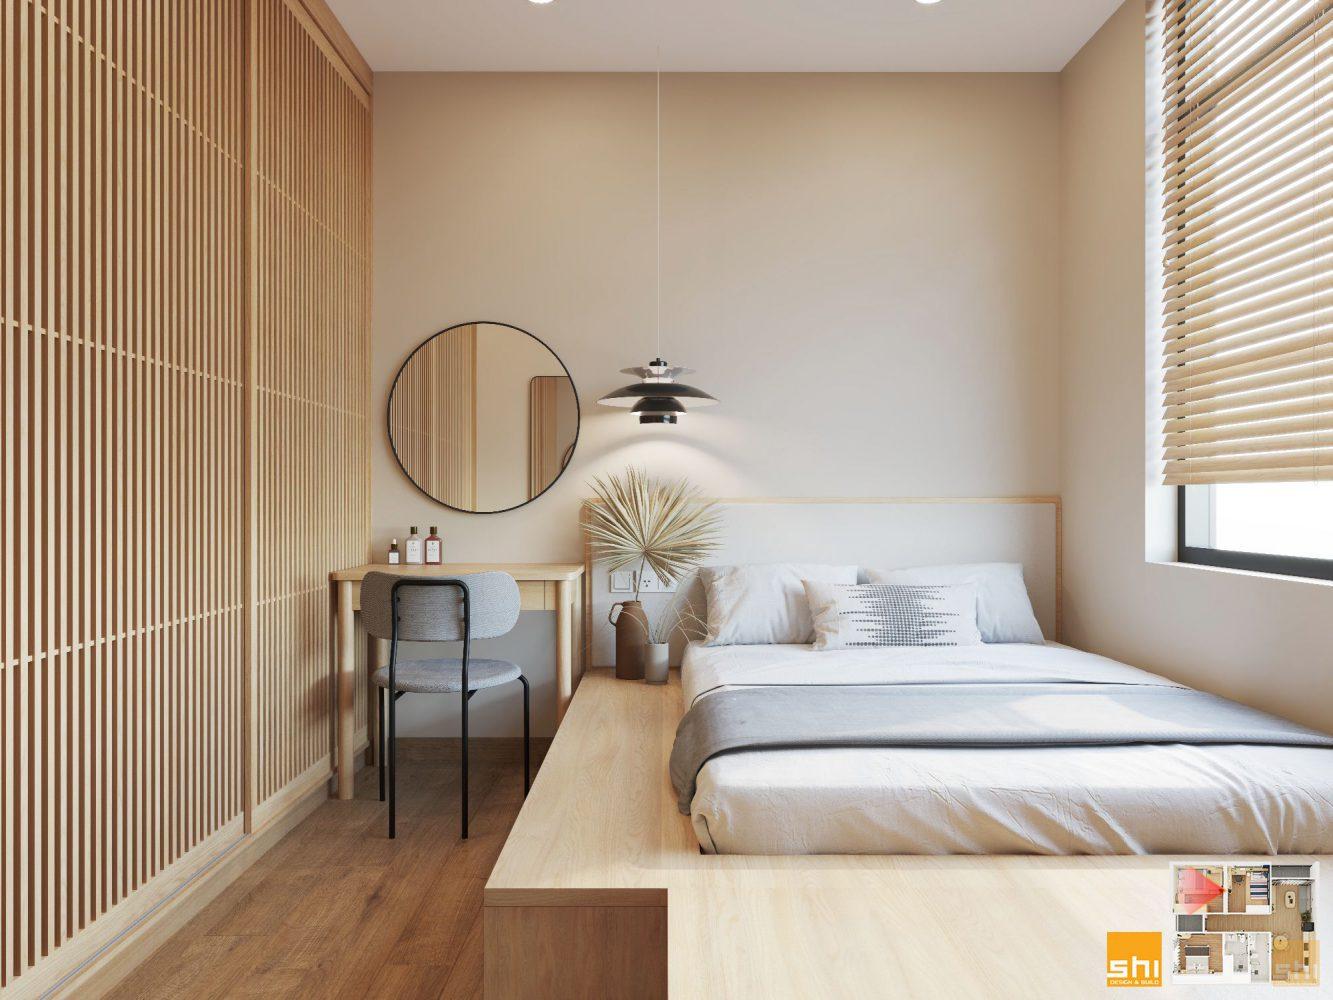 thiết kế nội thất 3 phòng ngủ - 05